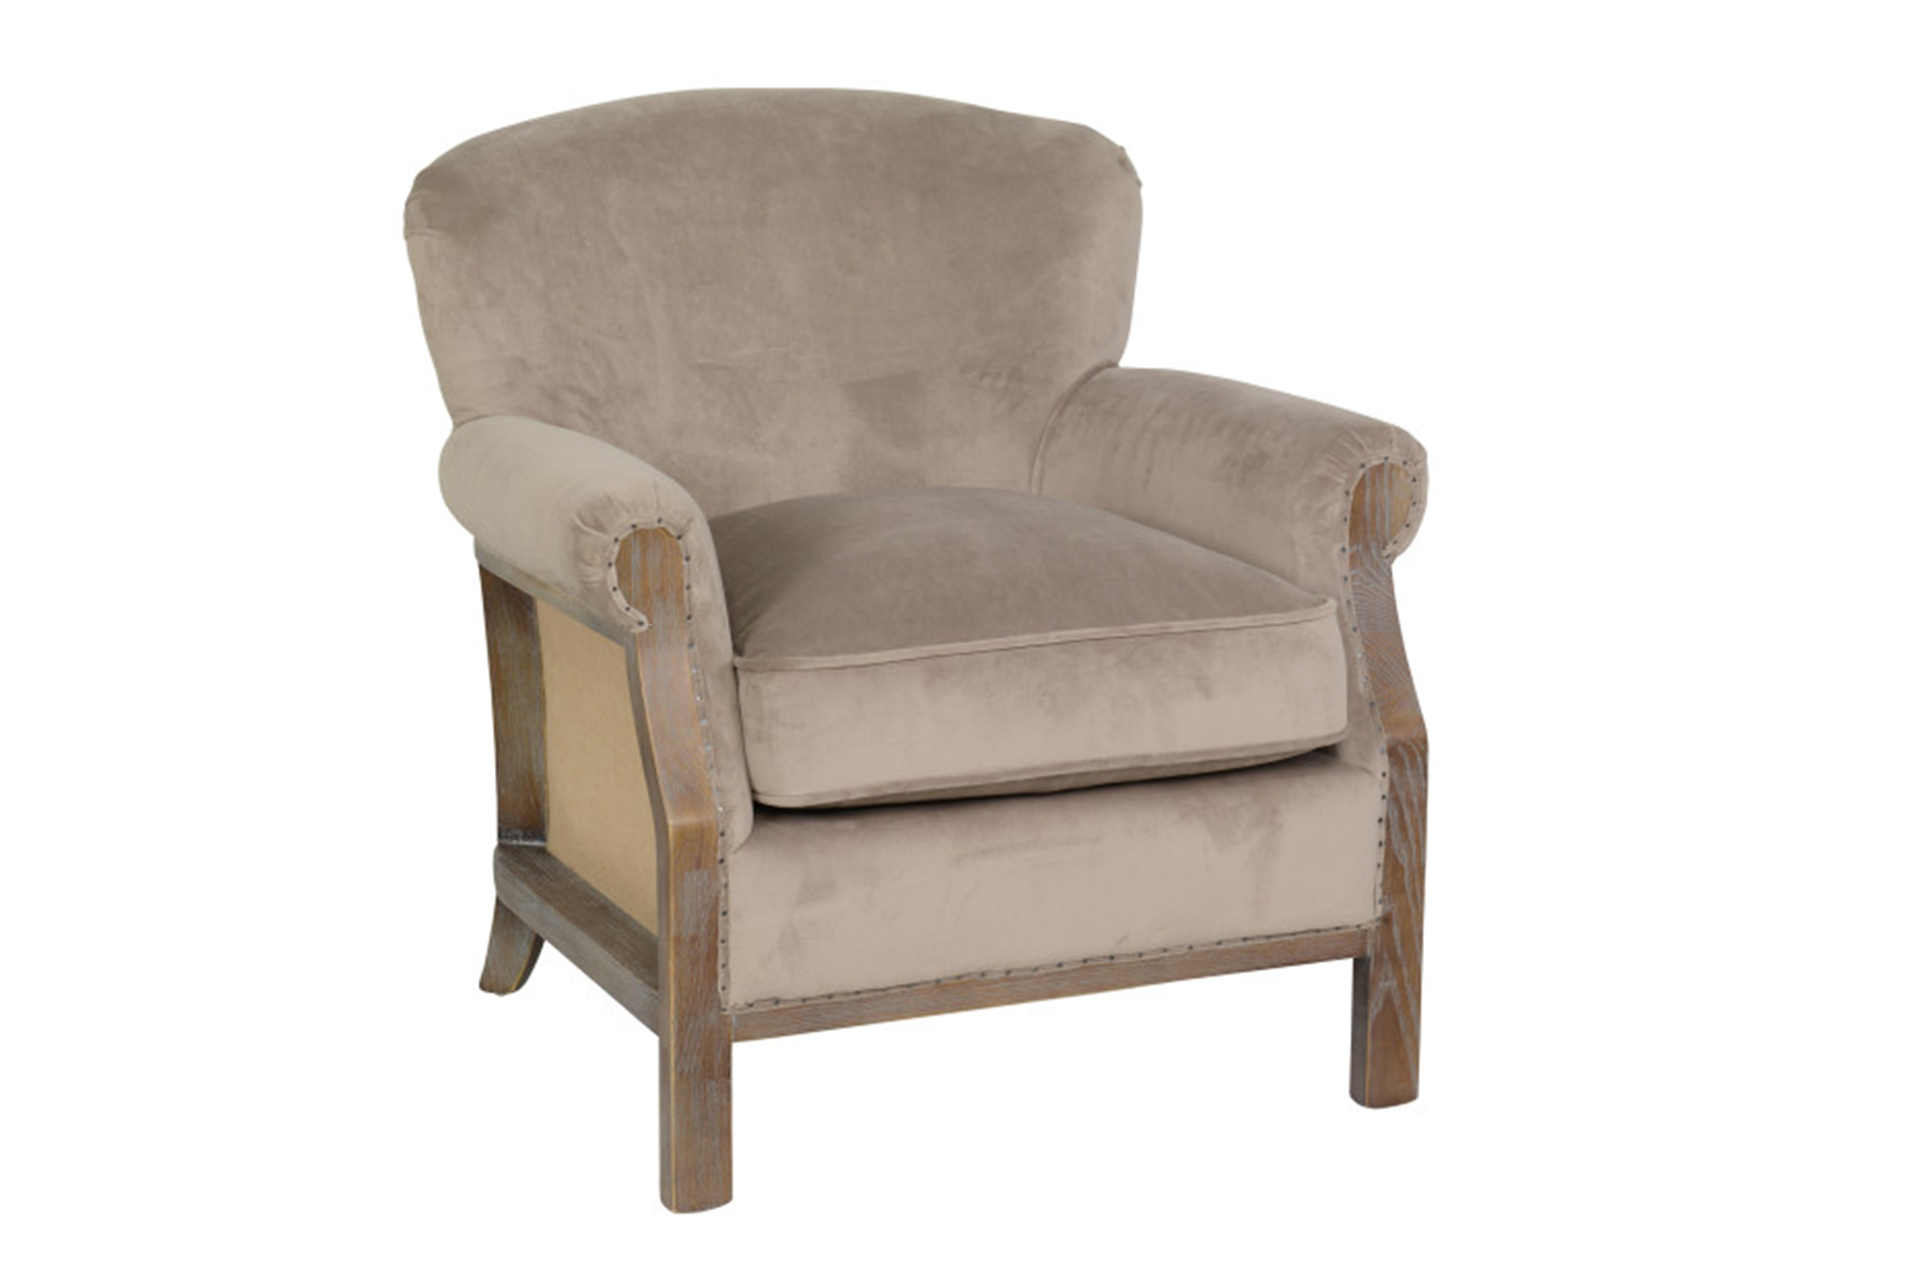 Merveilleux Poplar Wood Taupe Linen Club Chair   360